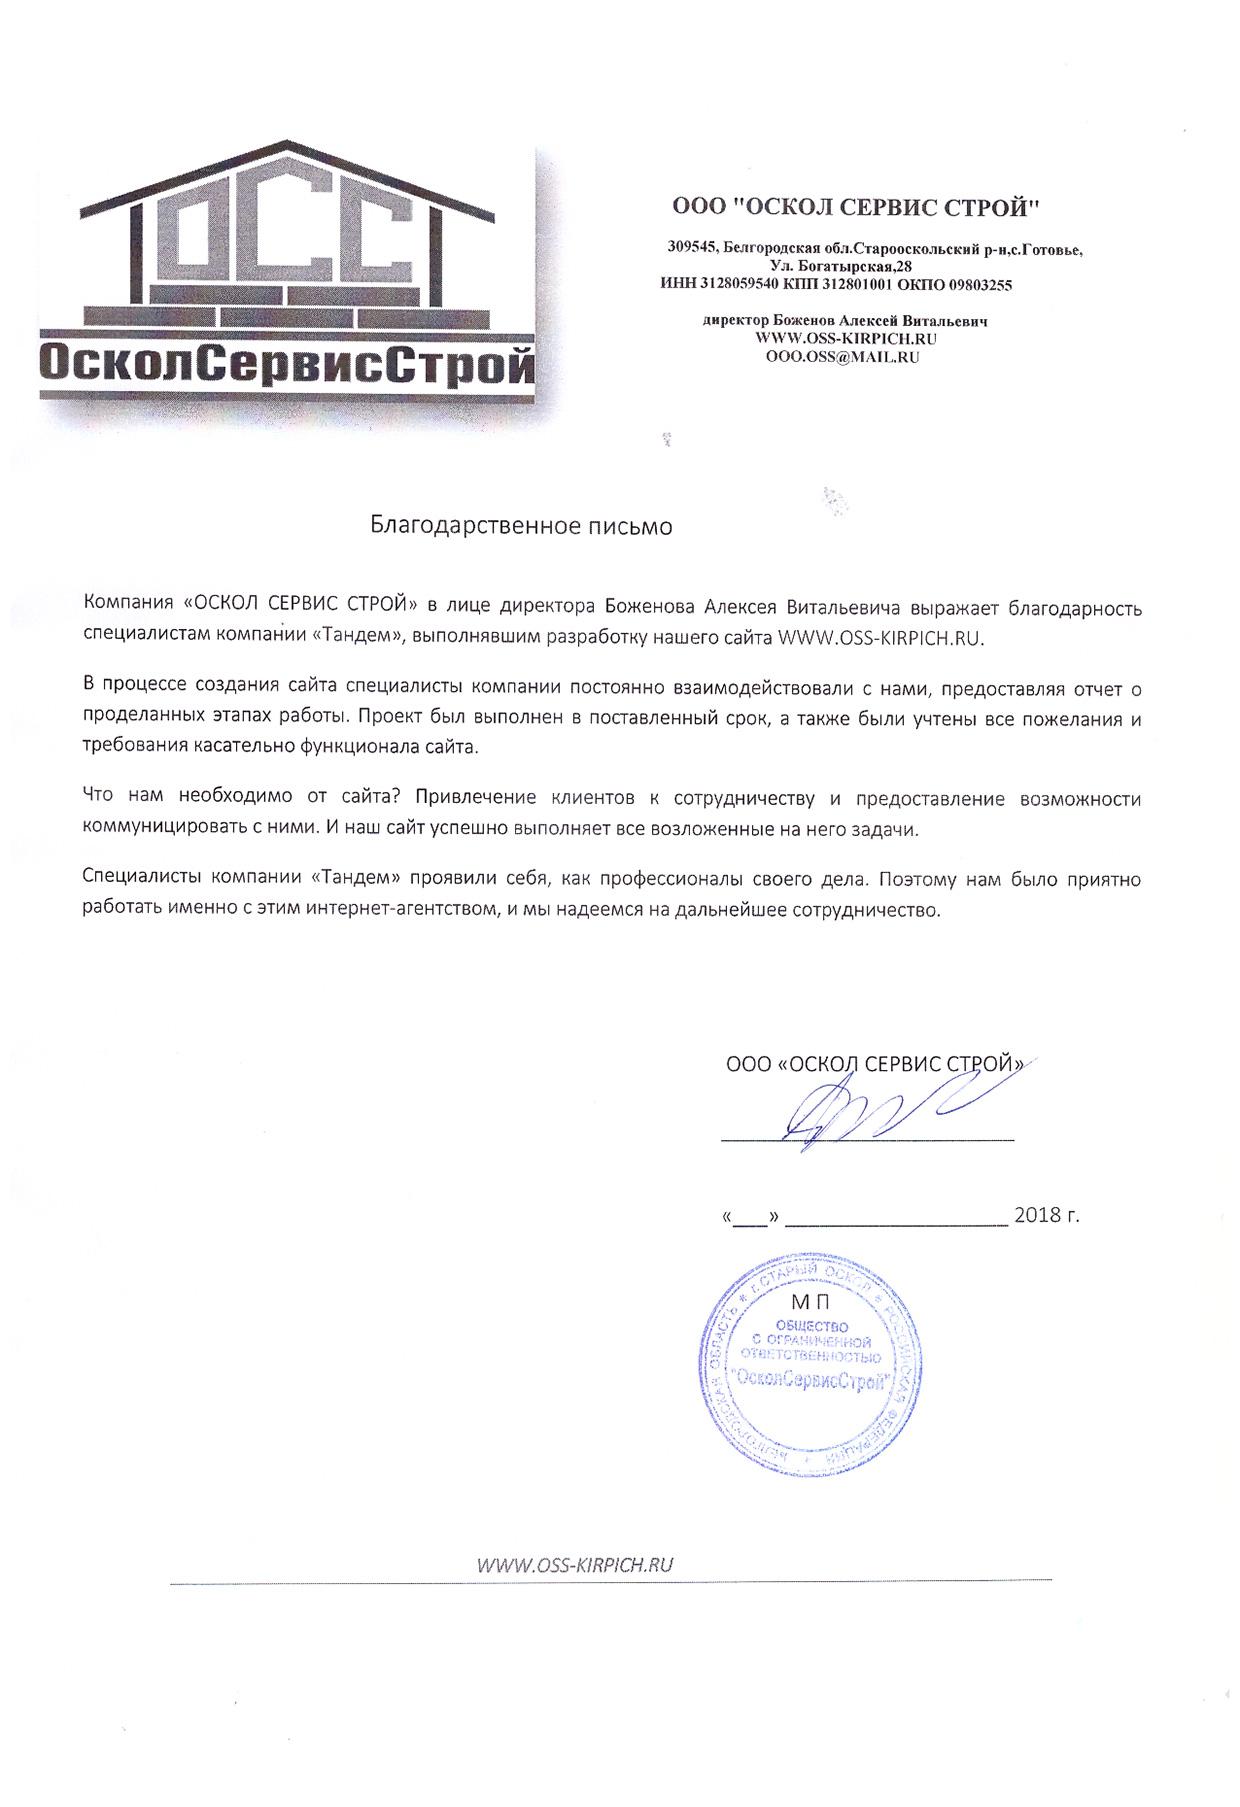 благодарственное письмо тандем от ОССкирпич